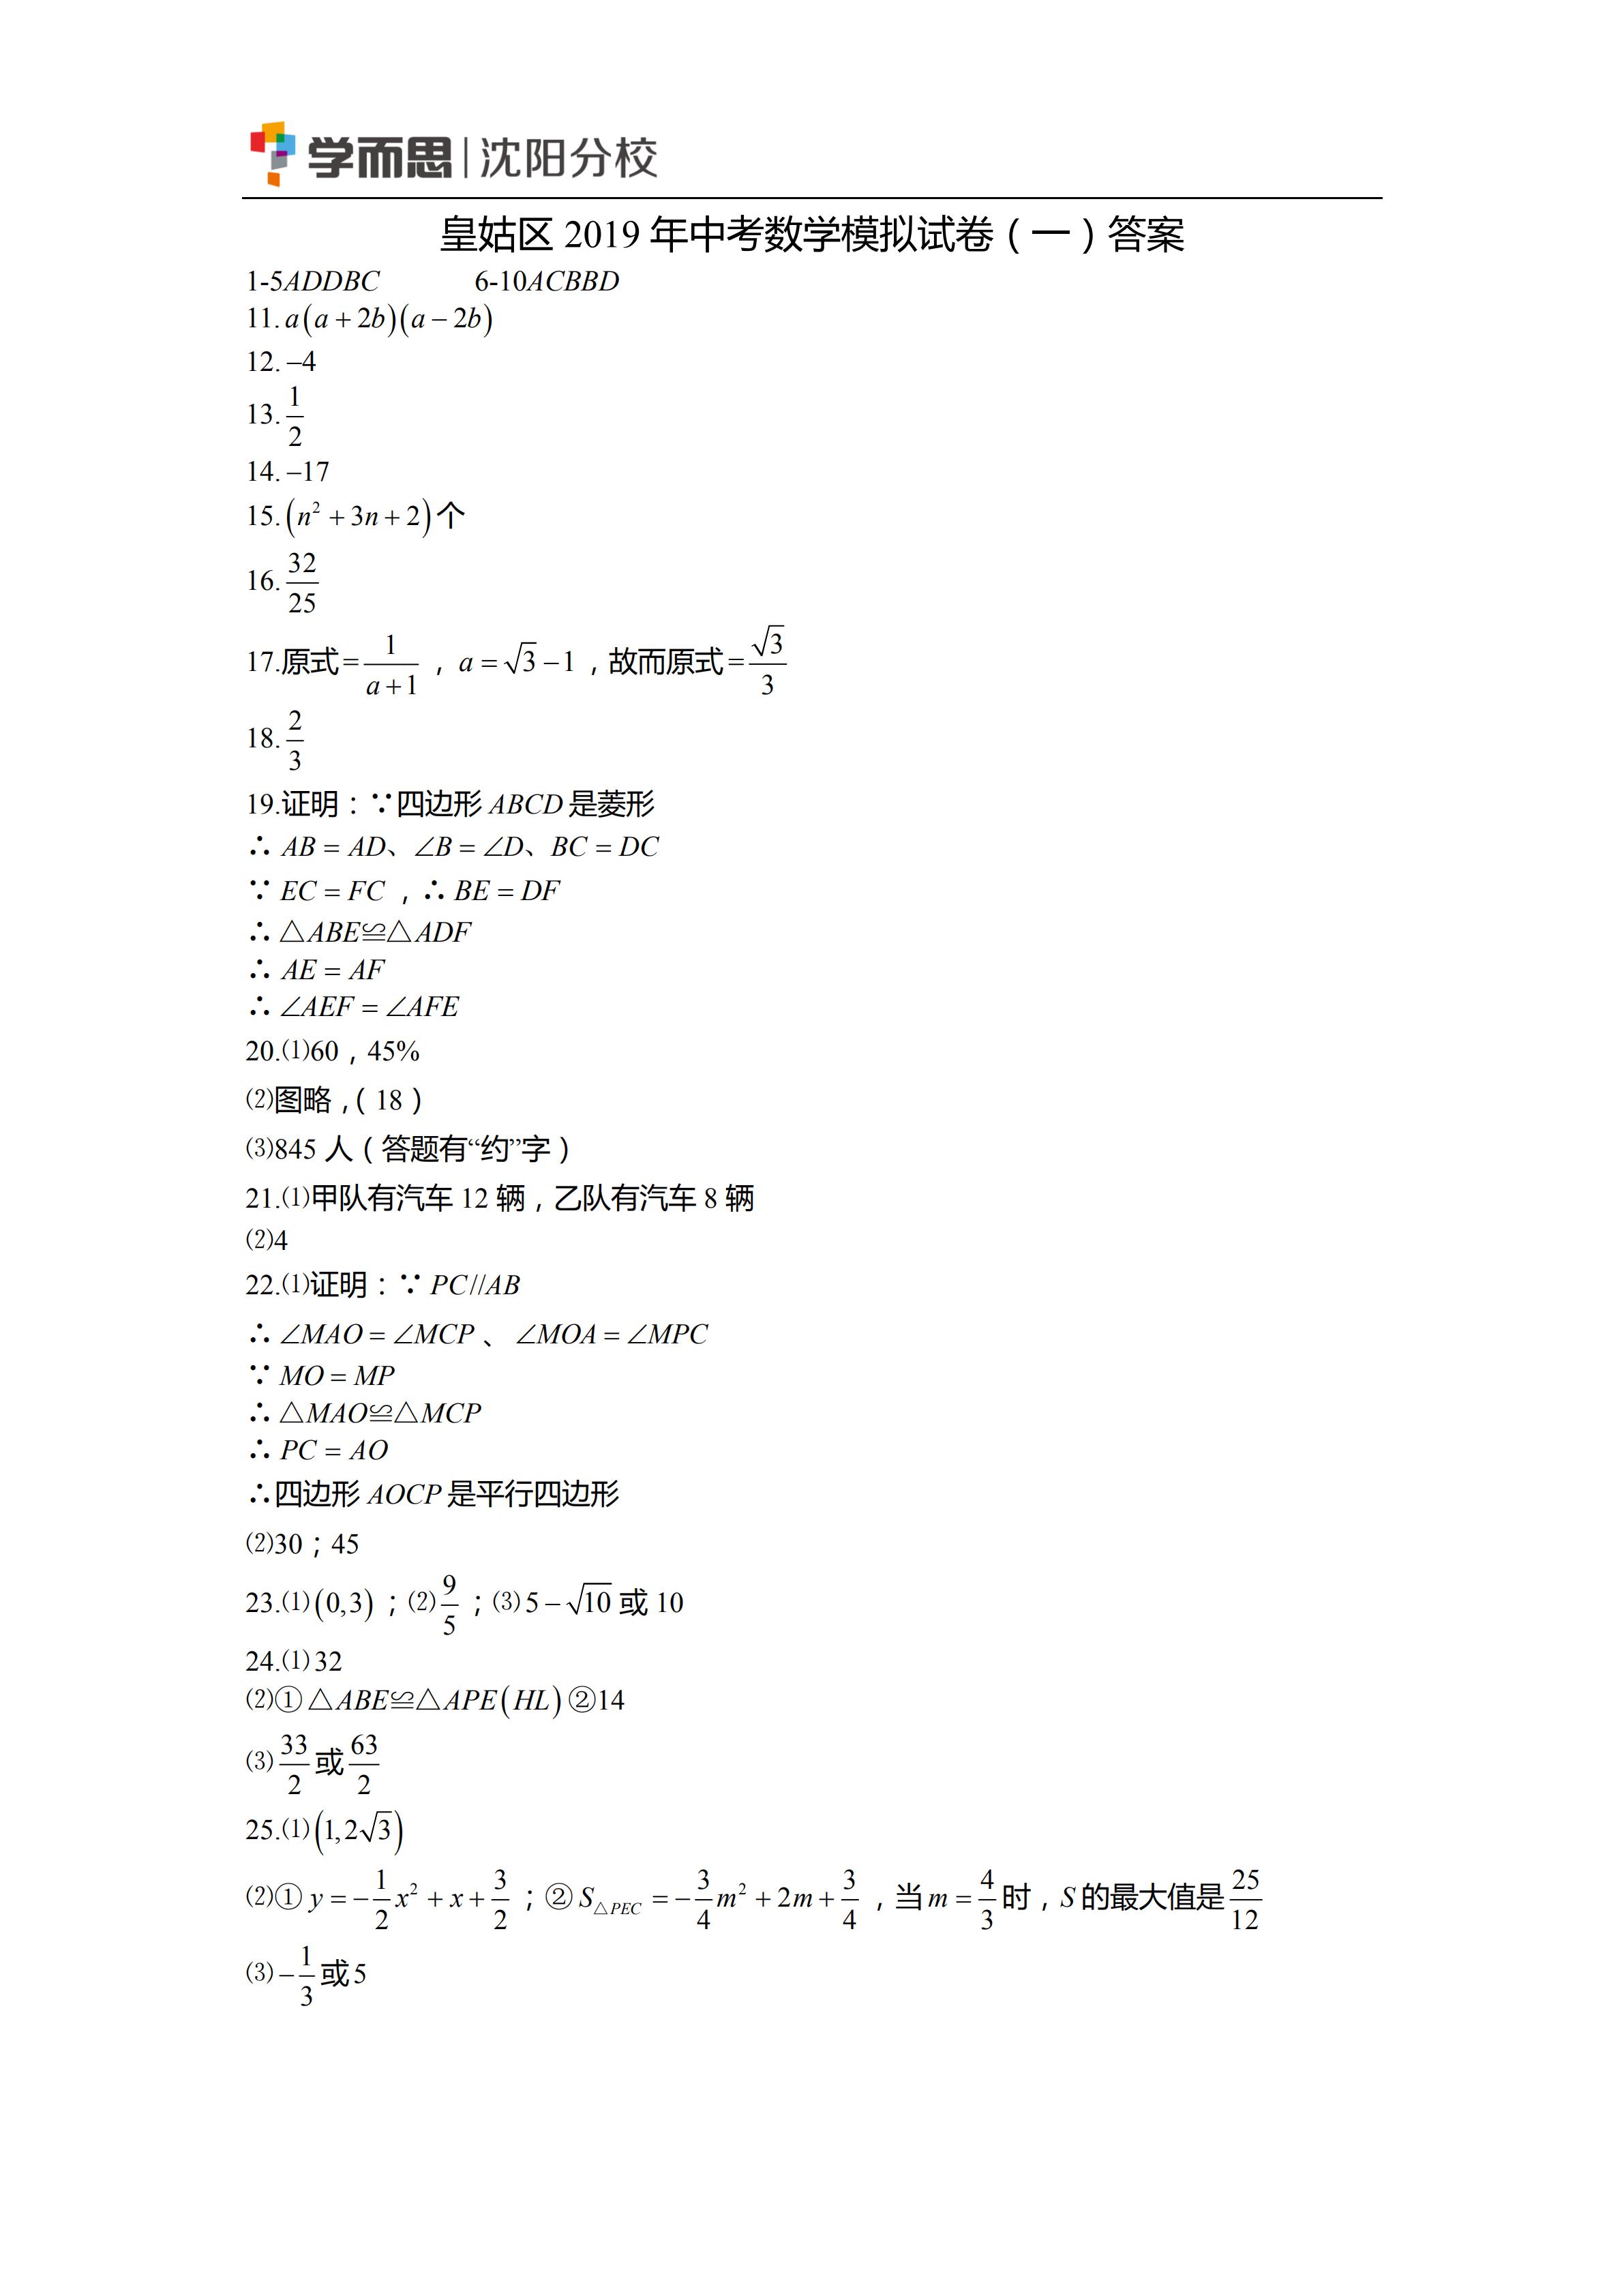 皇姑区2019年中考数学模拟试卷(一)答案_00.png